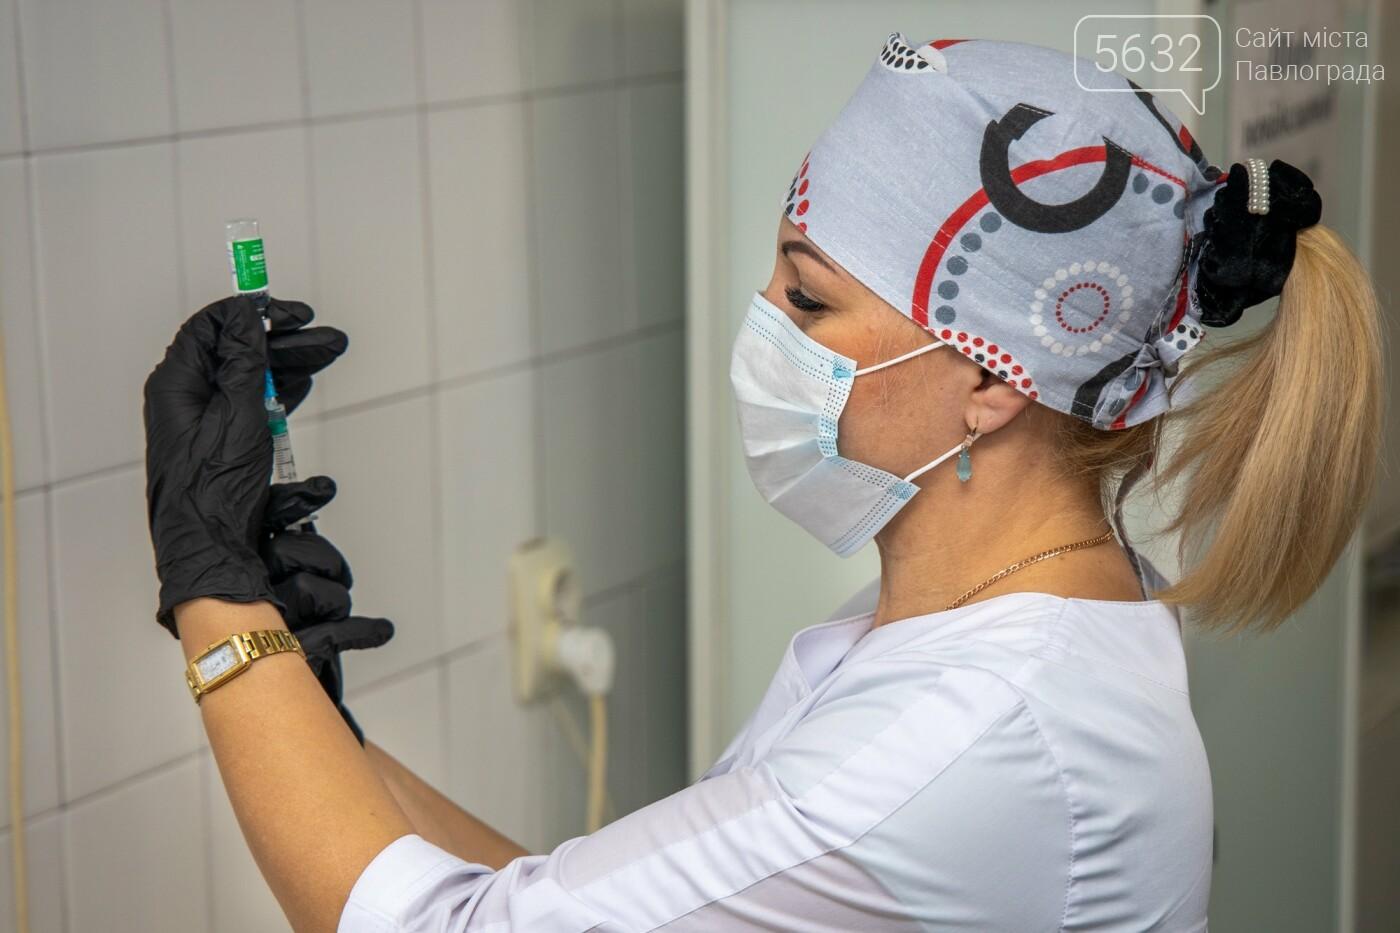 Днепропетровщина – национальный лидер по вакцинации медиков, фото-3